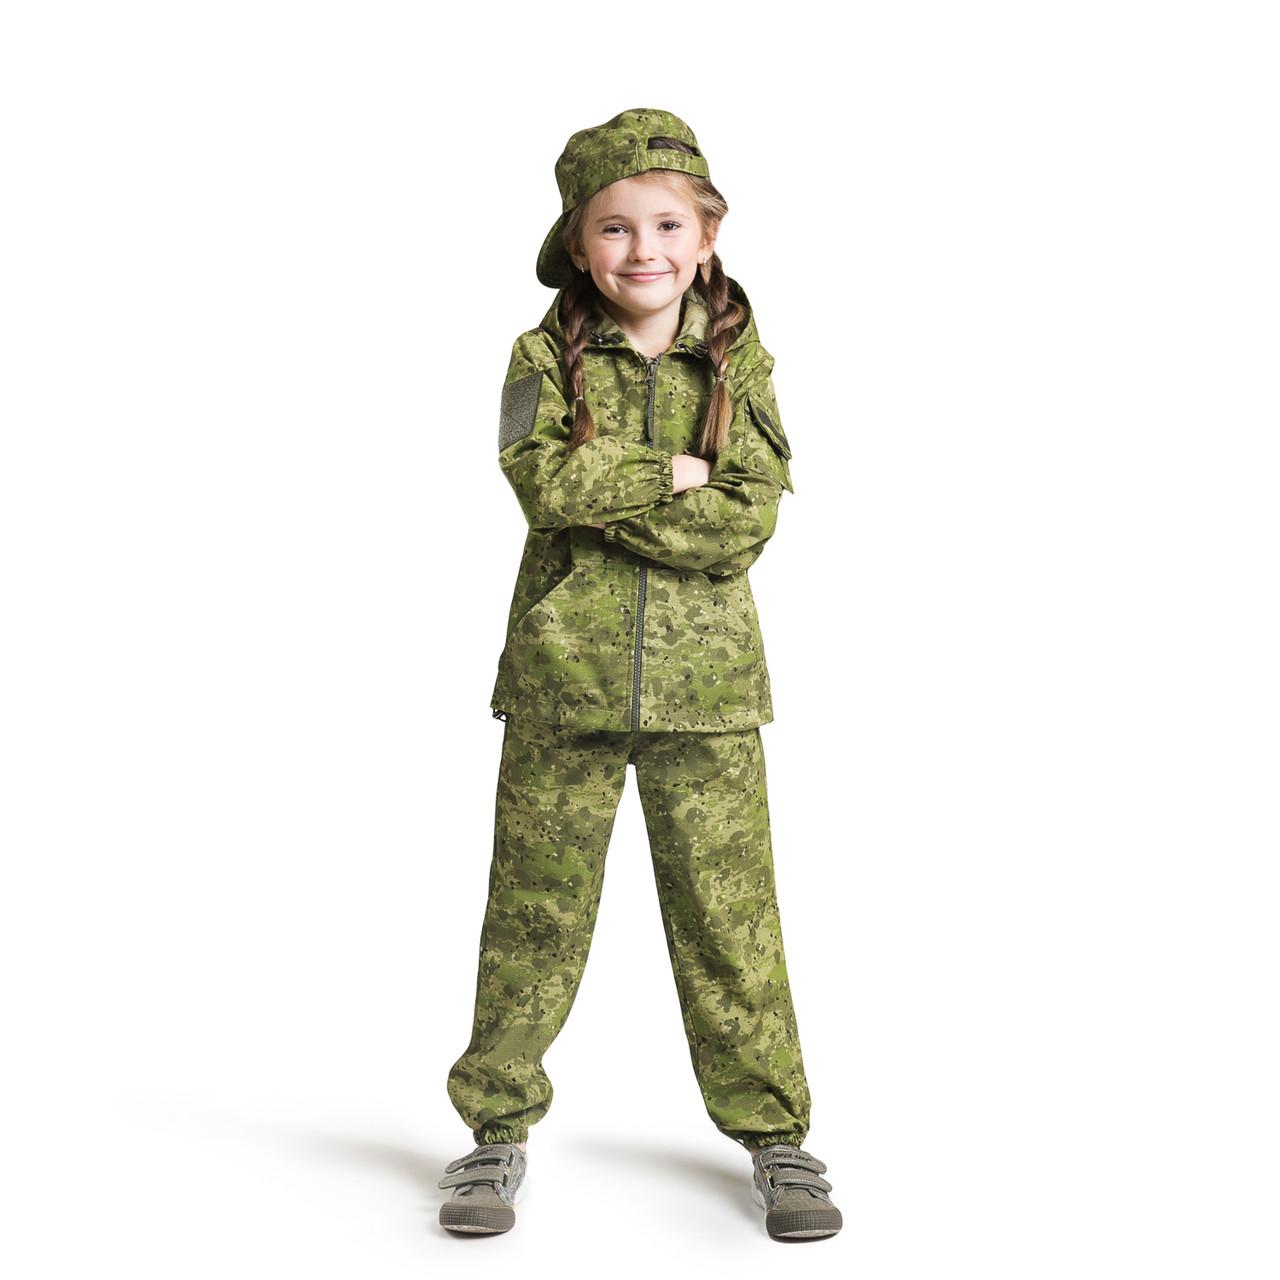 Костюм детский OUTDOOR для активного отдыха Лесоход камуфляж Роса рост 116-122